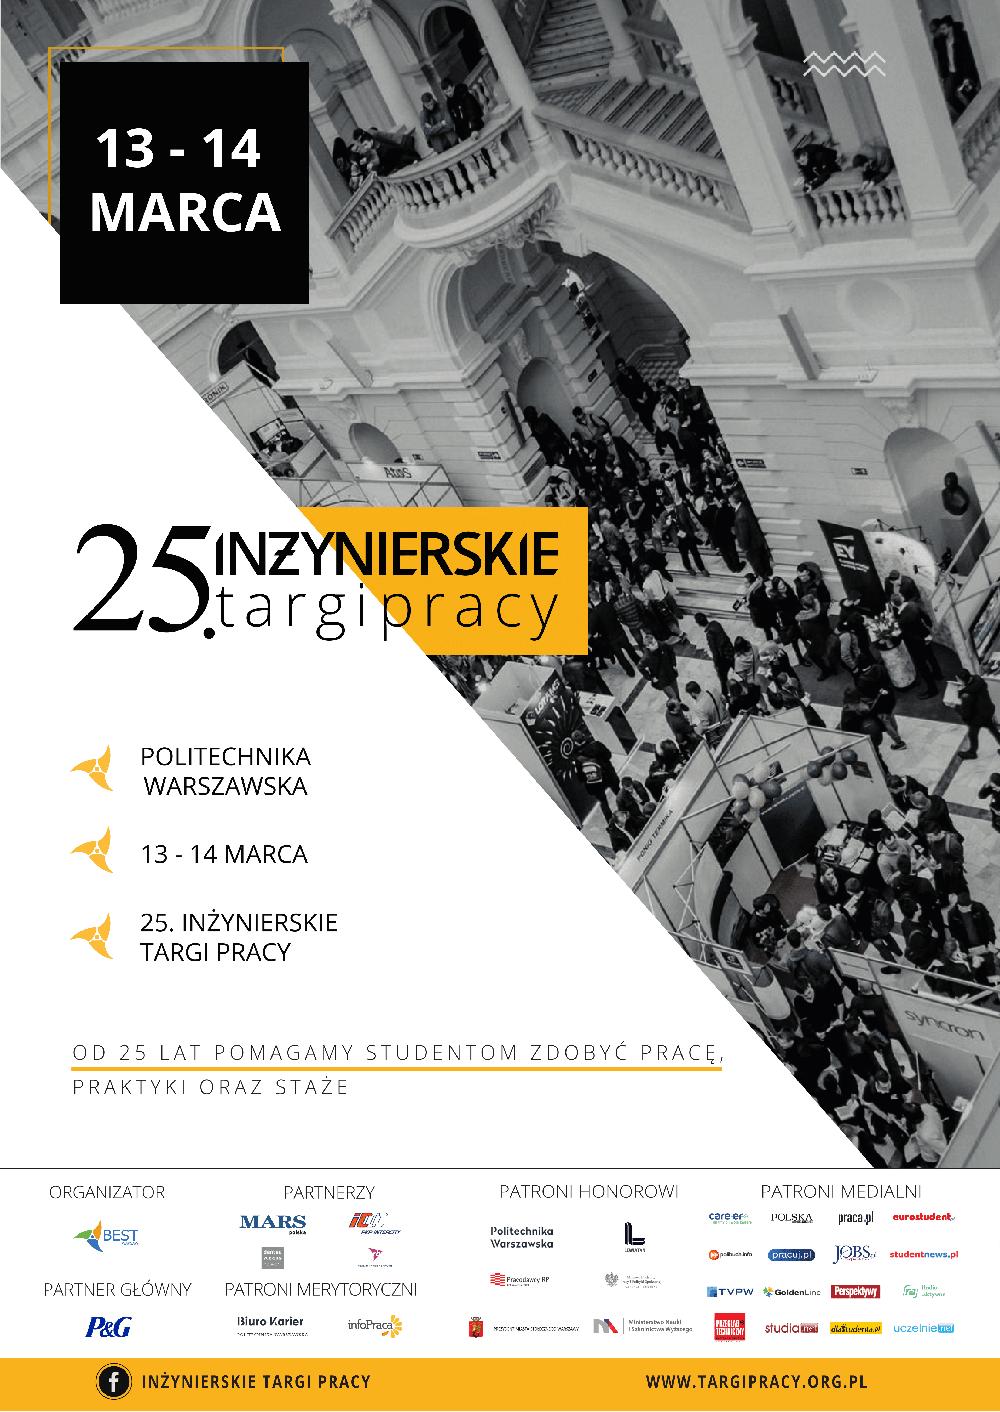 Targi organizowane są na Politechnice Warszawskiej.